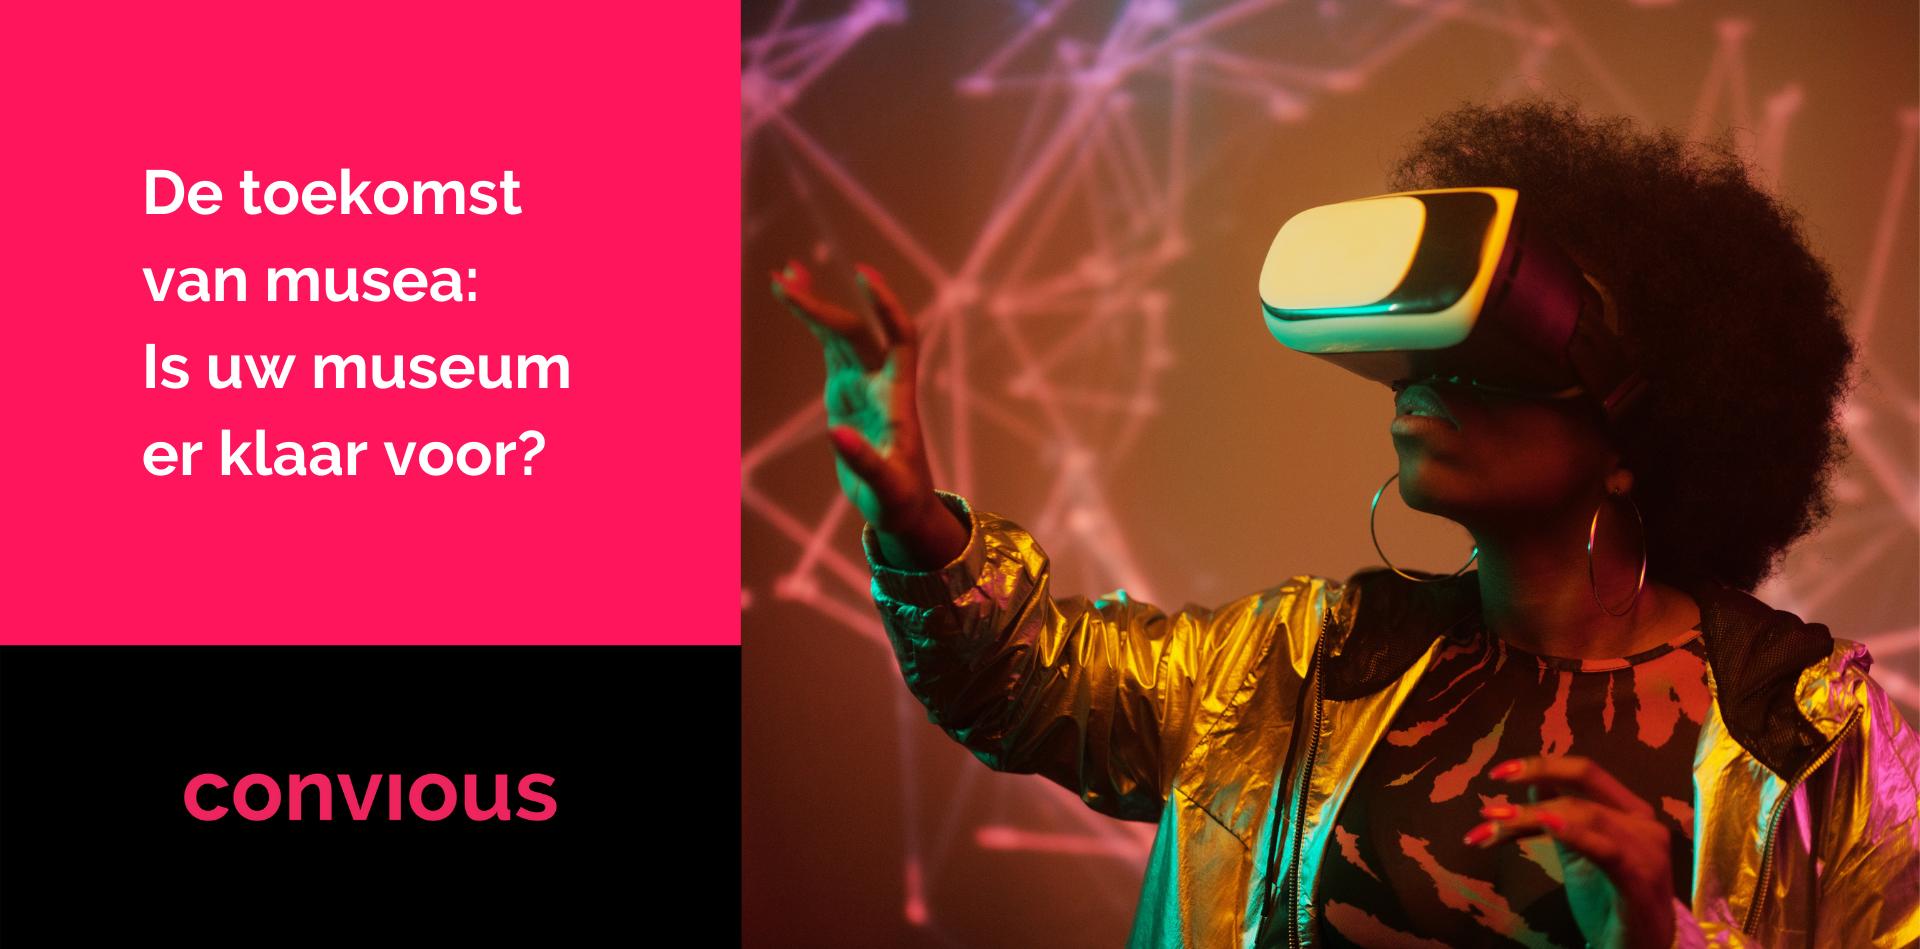 De toekomst van musea: Is uw museum er klaar voor?